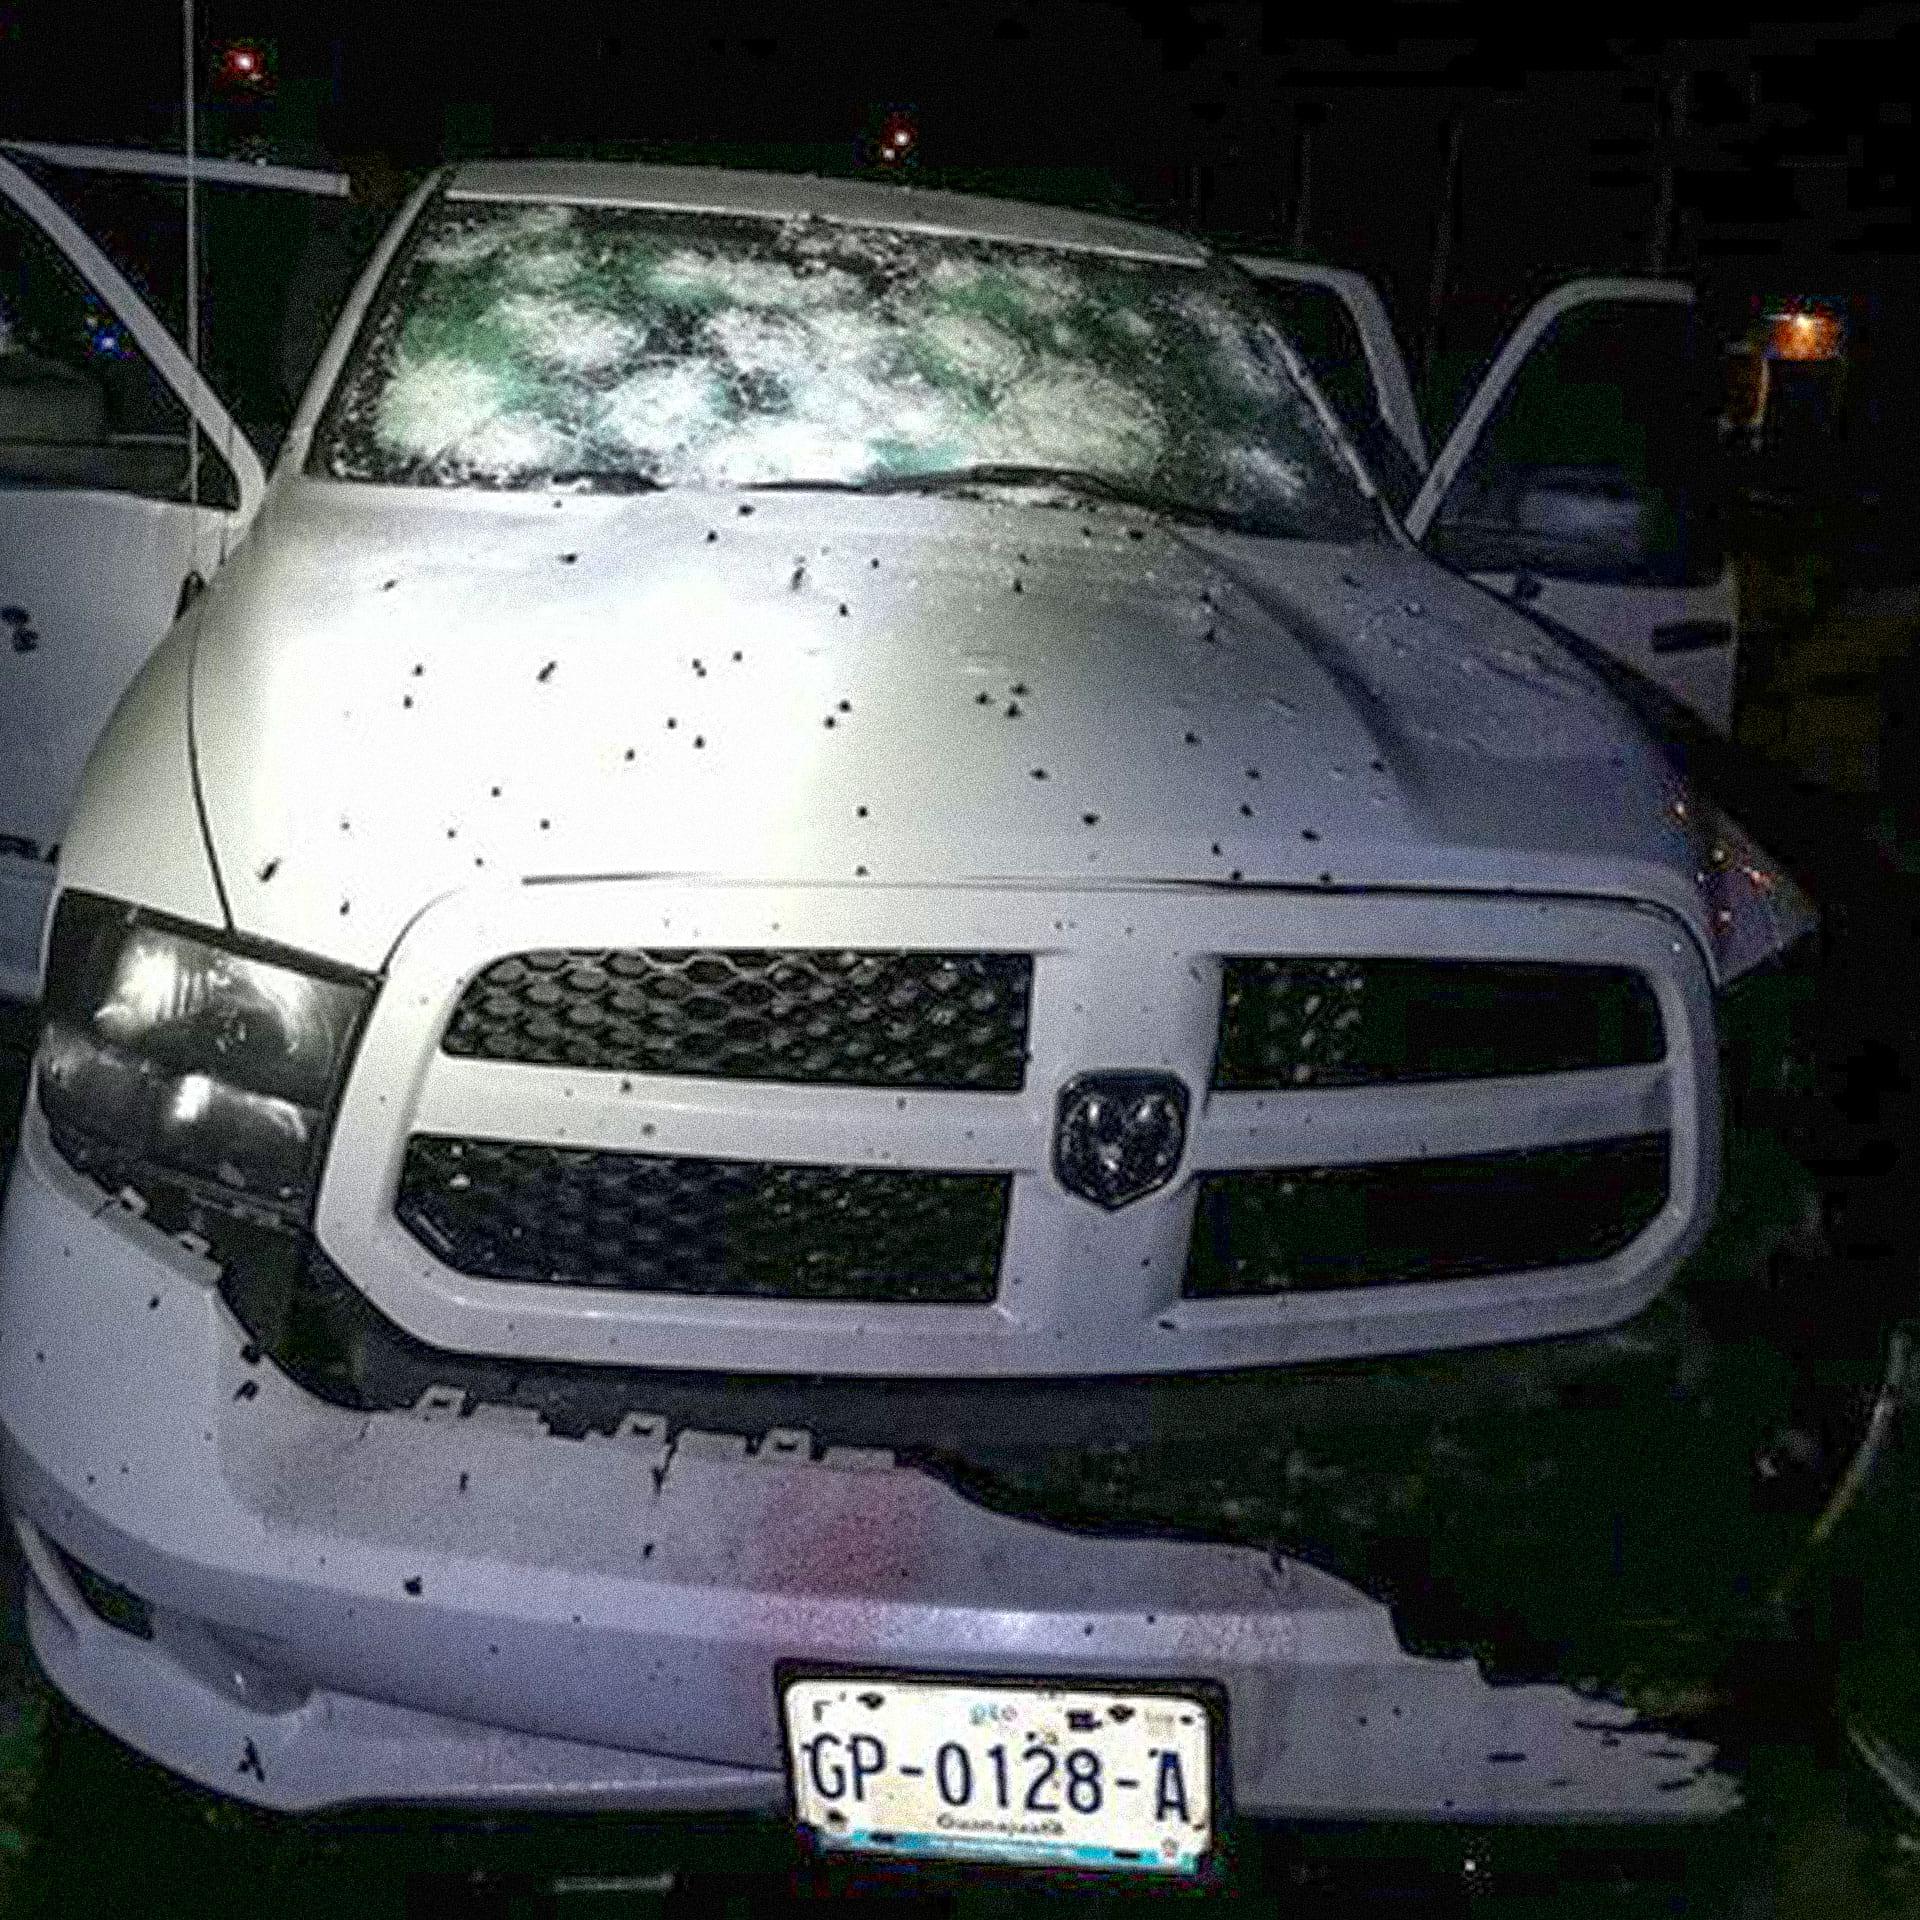 Vehículo en el que José Carlos Ramos sufrió un atentado perpetrado por integrantes del CSRL. Foto de periódico AM.